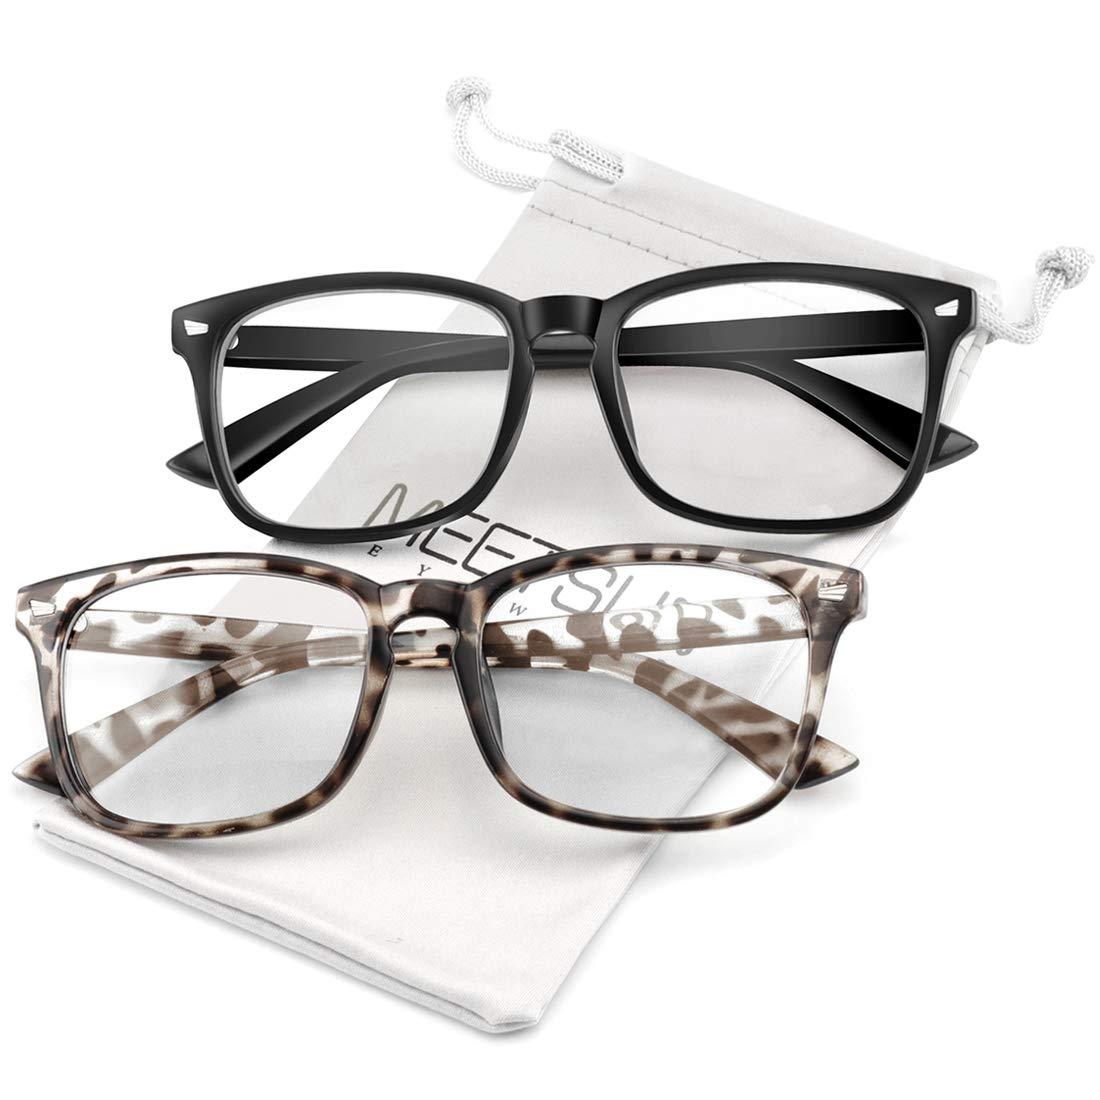 MEETSUN Blue Light Blocking Glasses Nerd Eyeglasses Frame,Anti Blue Lights Computer Reading Gaming Glasses For Women Men 2 Pack Black Leopard Tortoise HEV Clear Lens